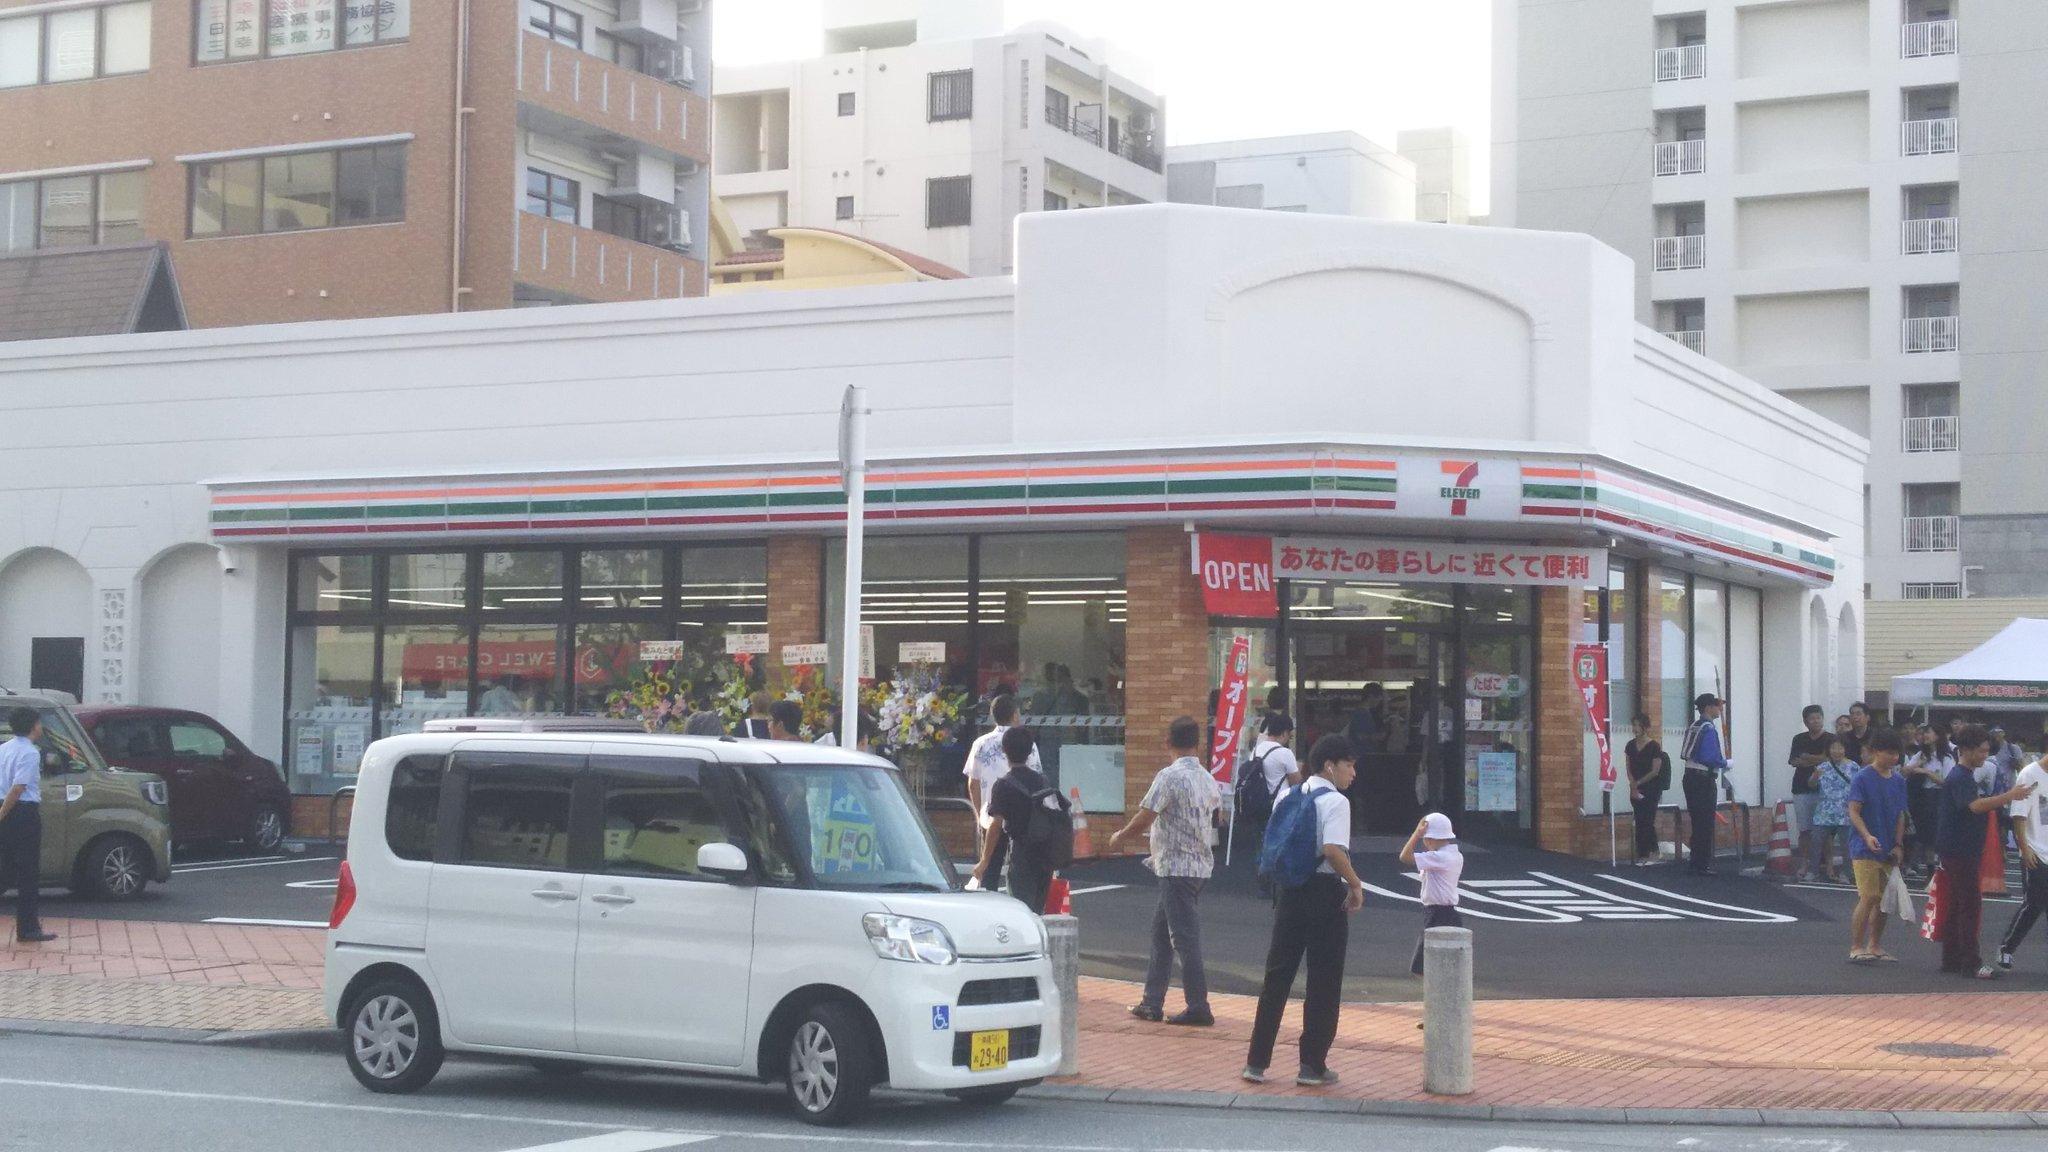 沖縄にセブンイレブンが上陸! 7時開店で、まだ列が伸び続けてる。 完全にコミケの大手サークル。